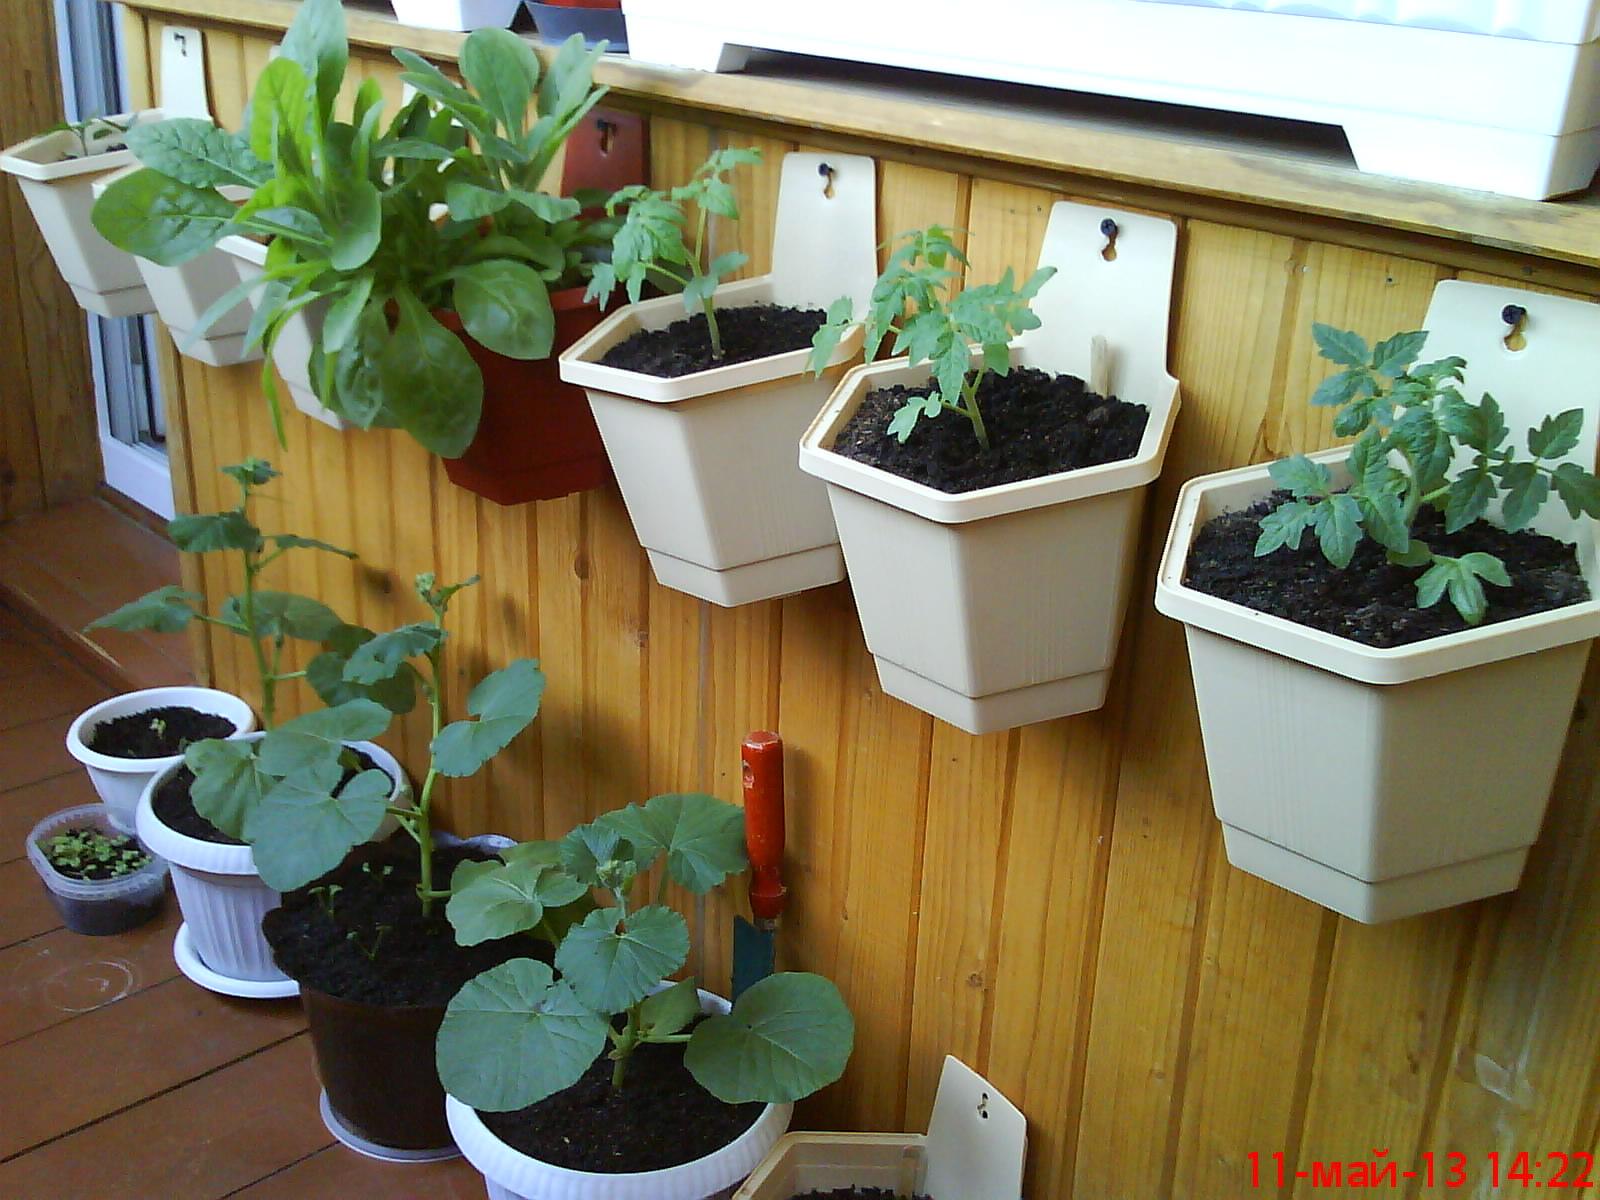 Ягоды на балконе: какие посадить, выращивание obustroeno.com.